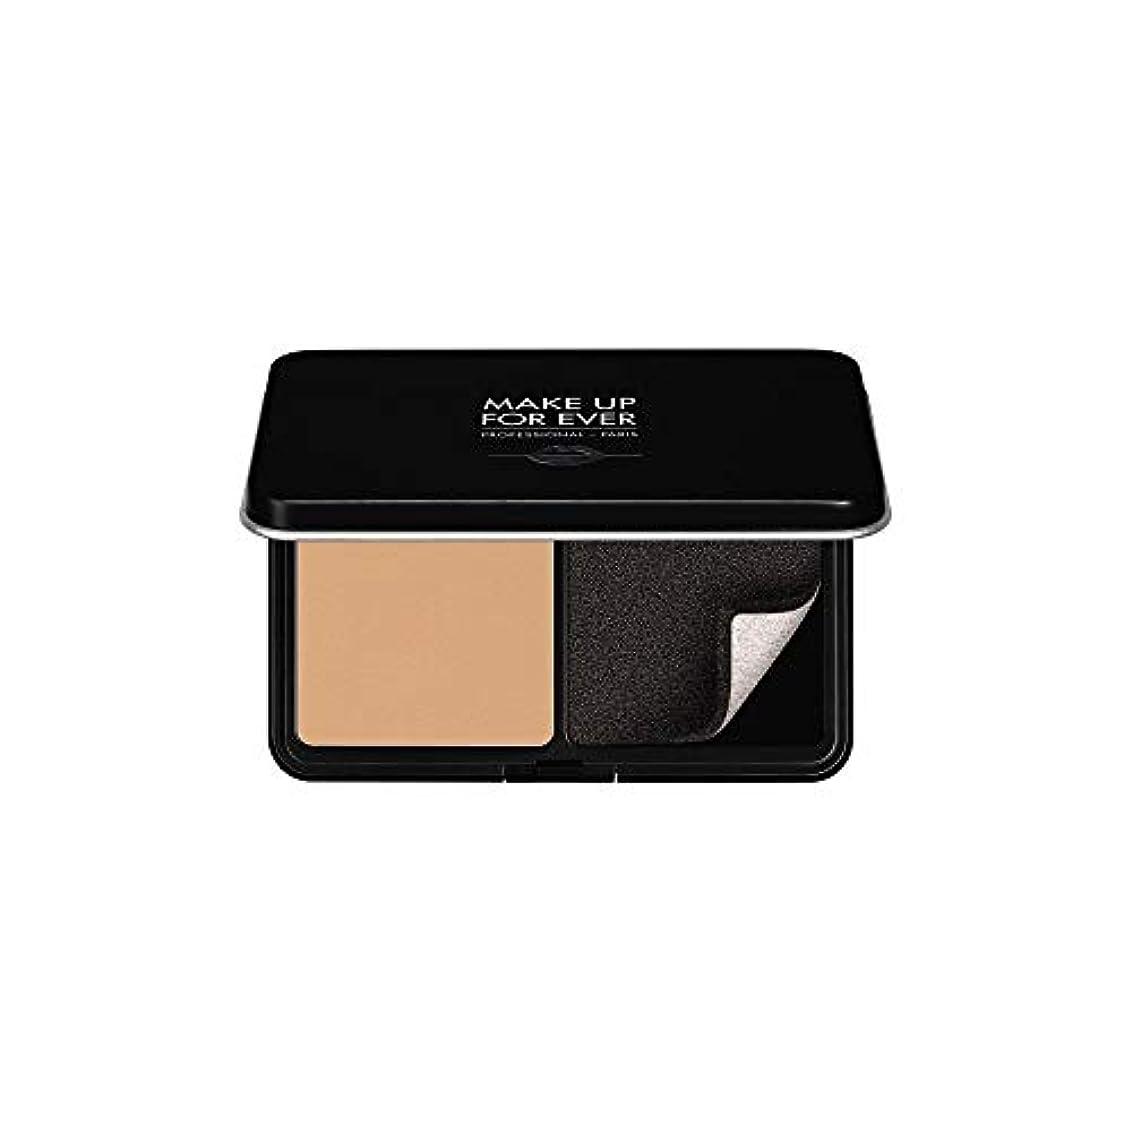 フィットネス通行人万歳メイクアップフォーエバー Matte Velvet Skin Blurring Powder Foundation - # Y305 (Soft Beige) 11g/0.38oz並行輸入品